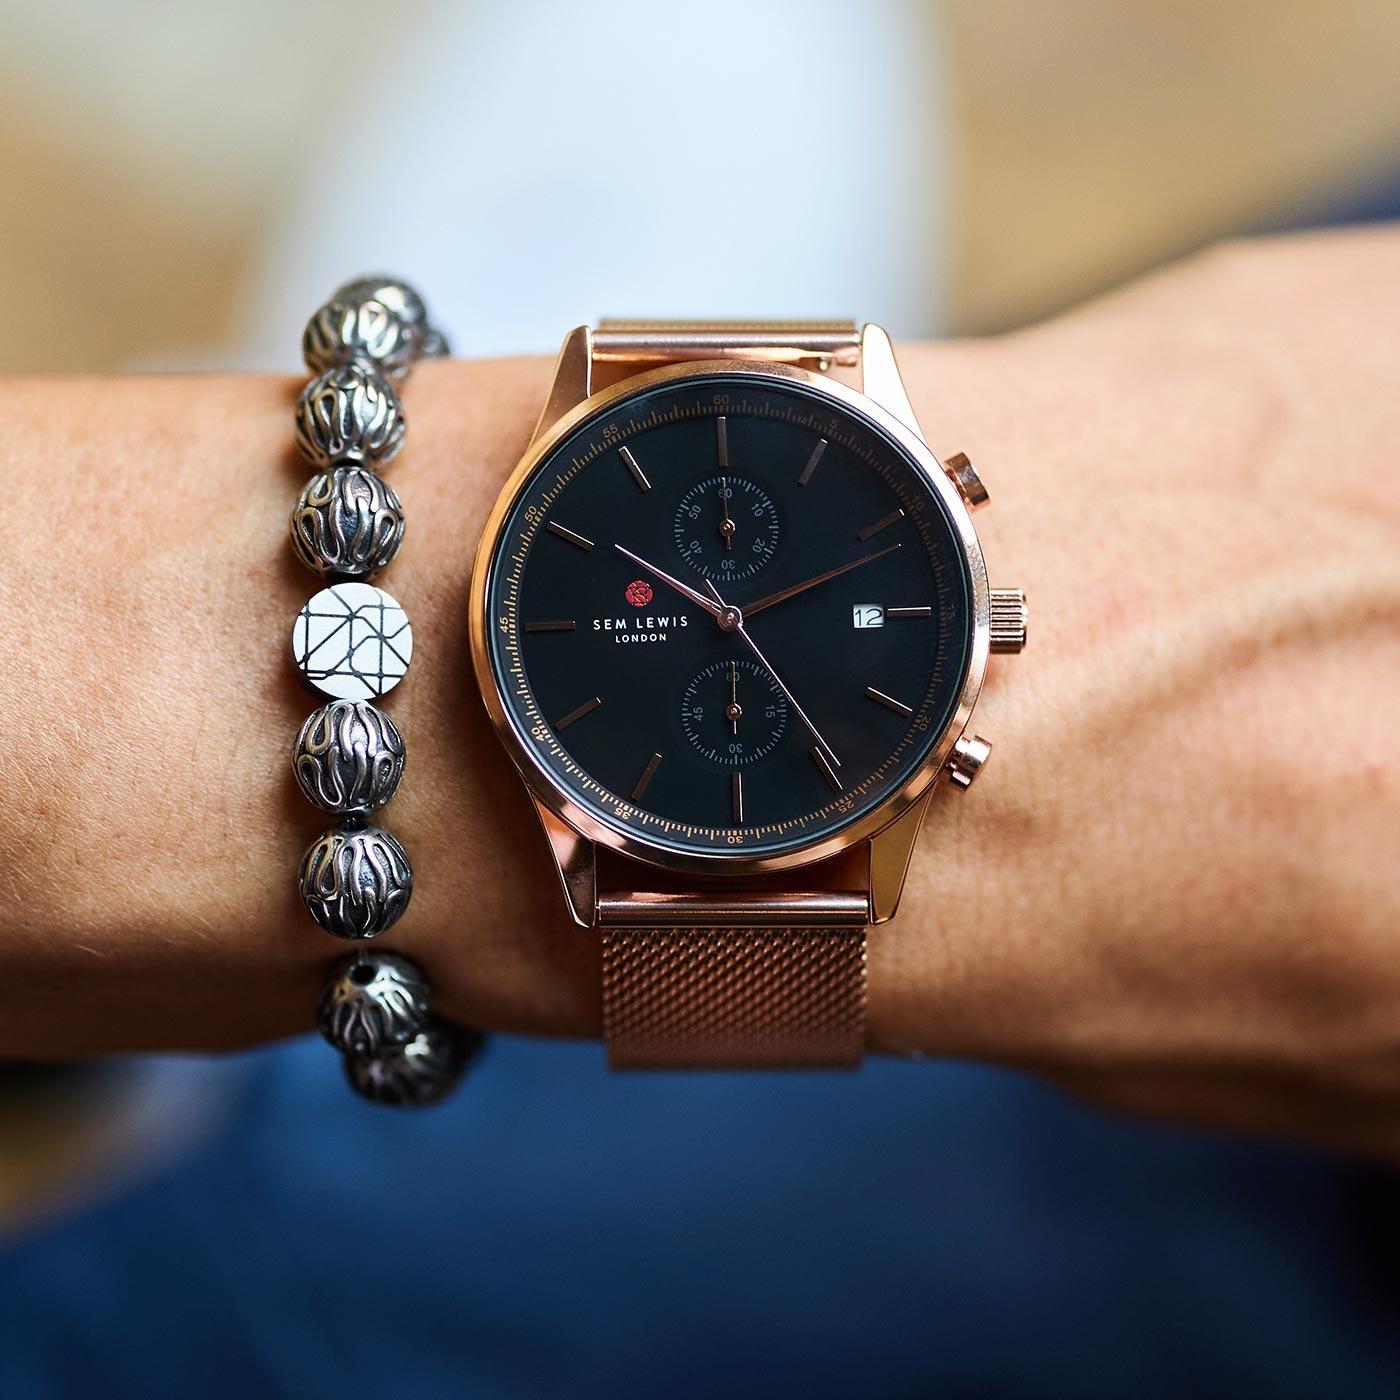 Sem Lewis Piccadilly South Kensington pärlstav armband silverfärgad